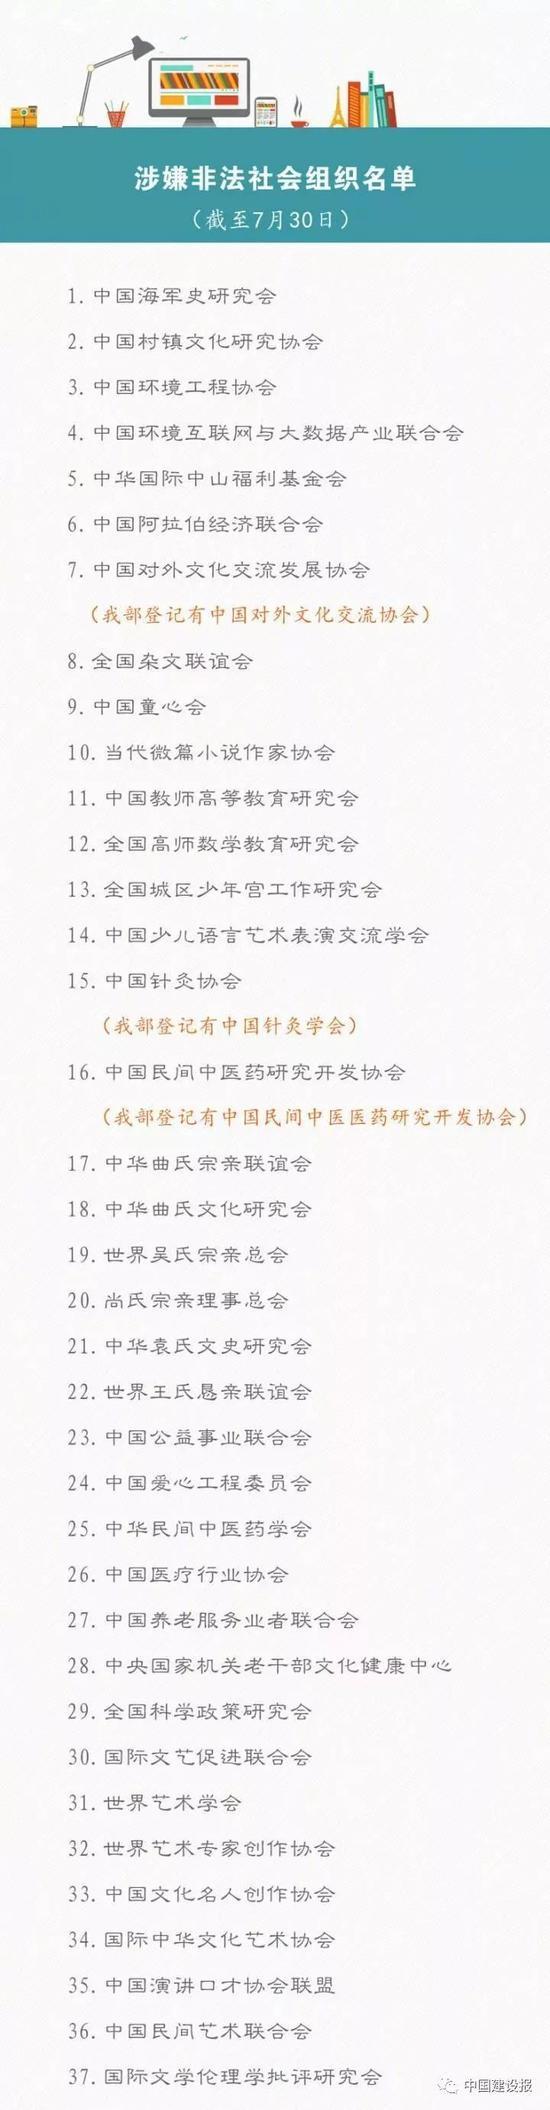 住建领域19个组织涉非法:取缔6个解散或劝散11个杏彩娱乐